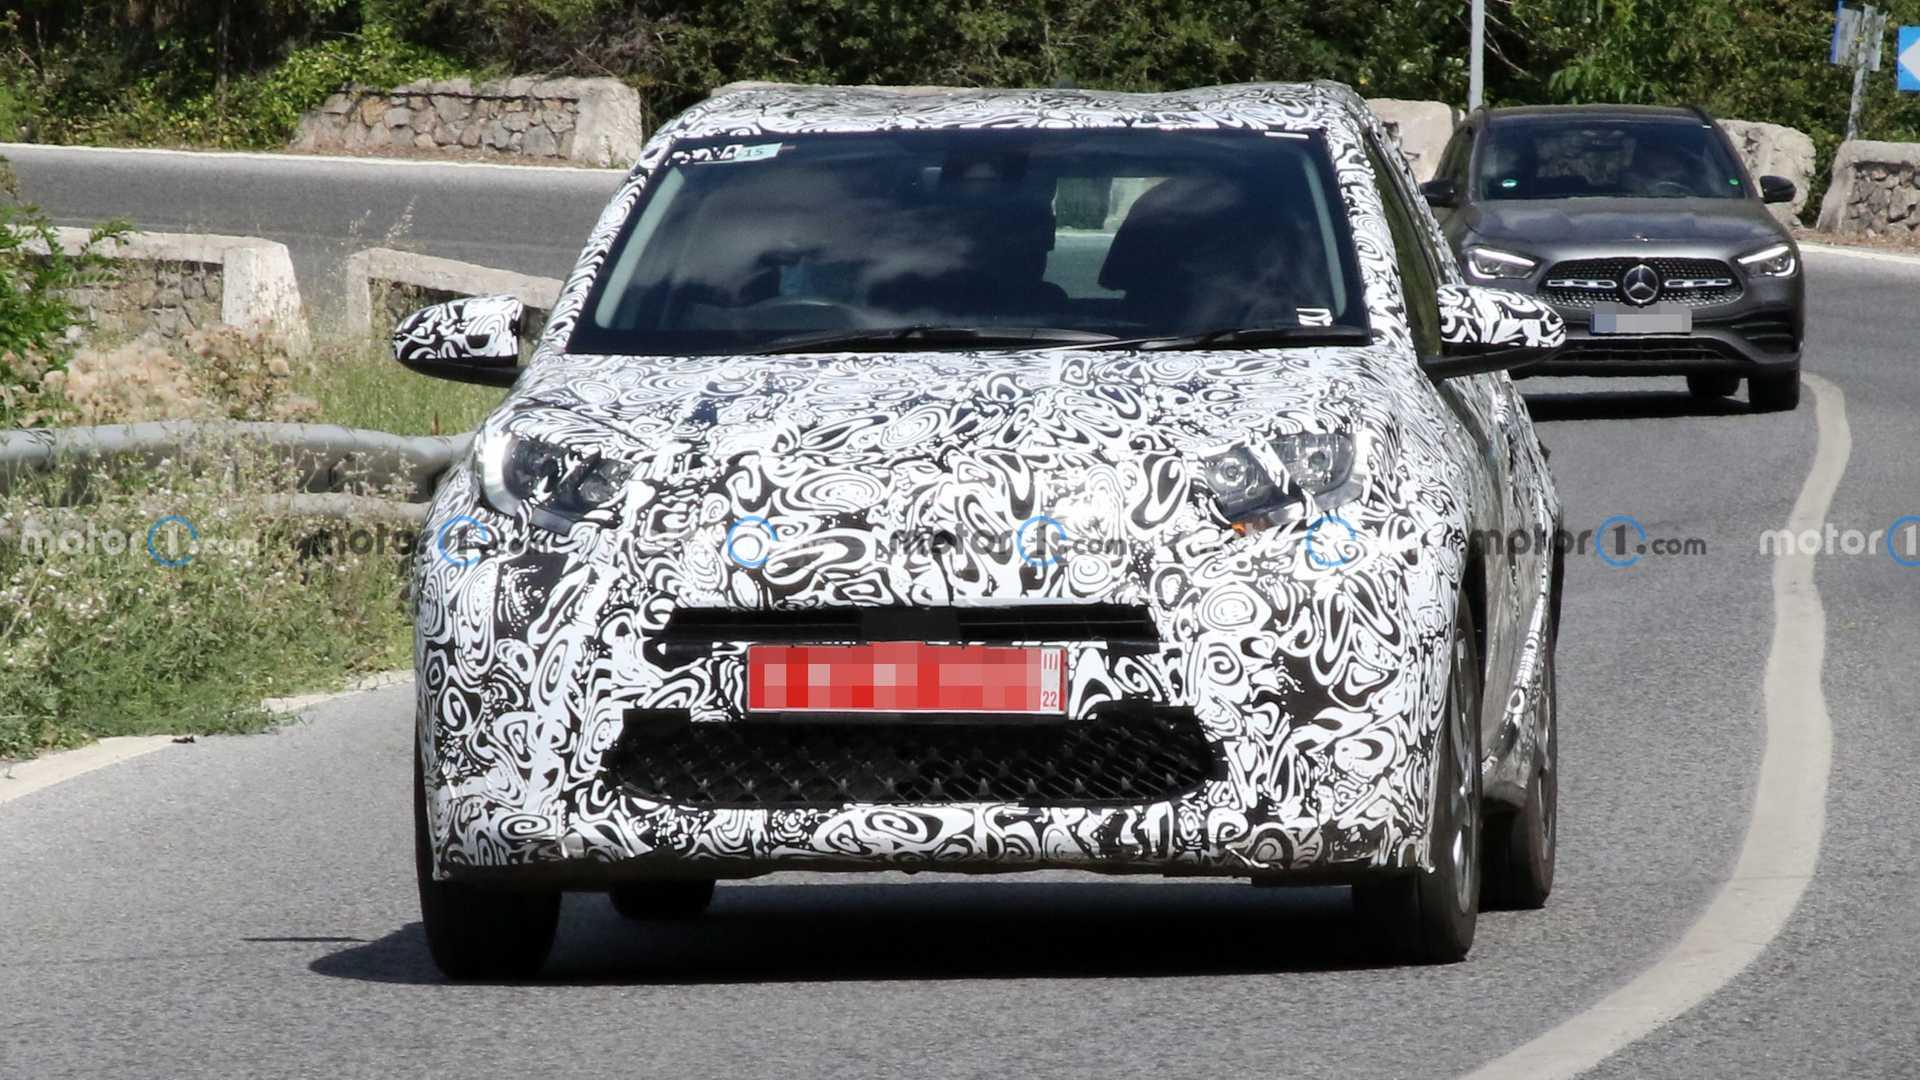 В марте этого года Toyota подтвердила выпуск нового поколения Aygo. Мы уже видели прототипы во время зимних тестов, а теперь появились новые шпионские фотографии. Взглянем?